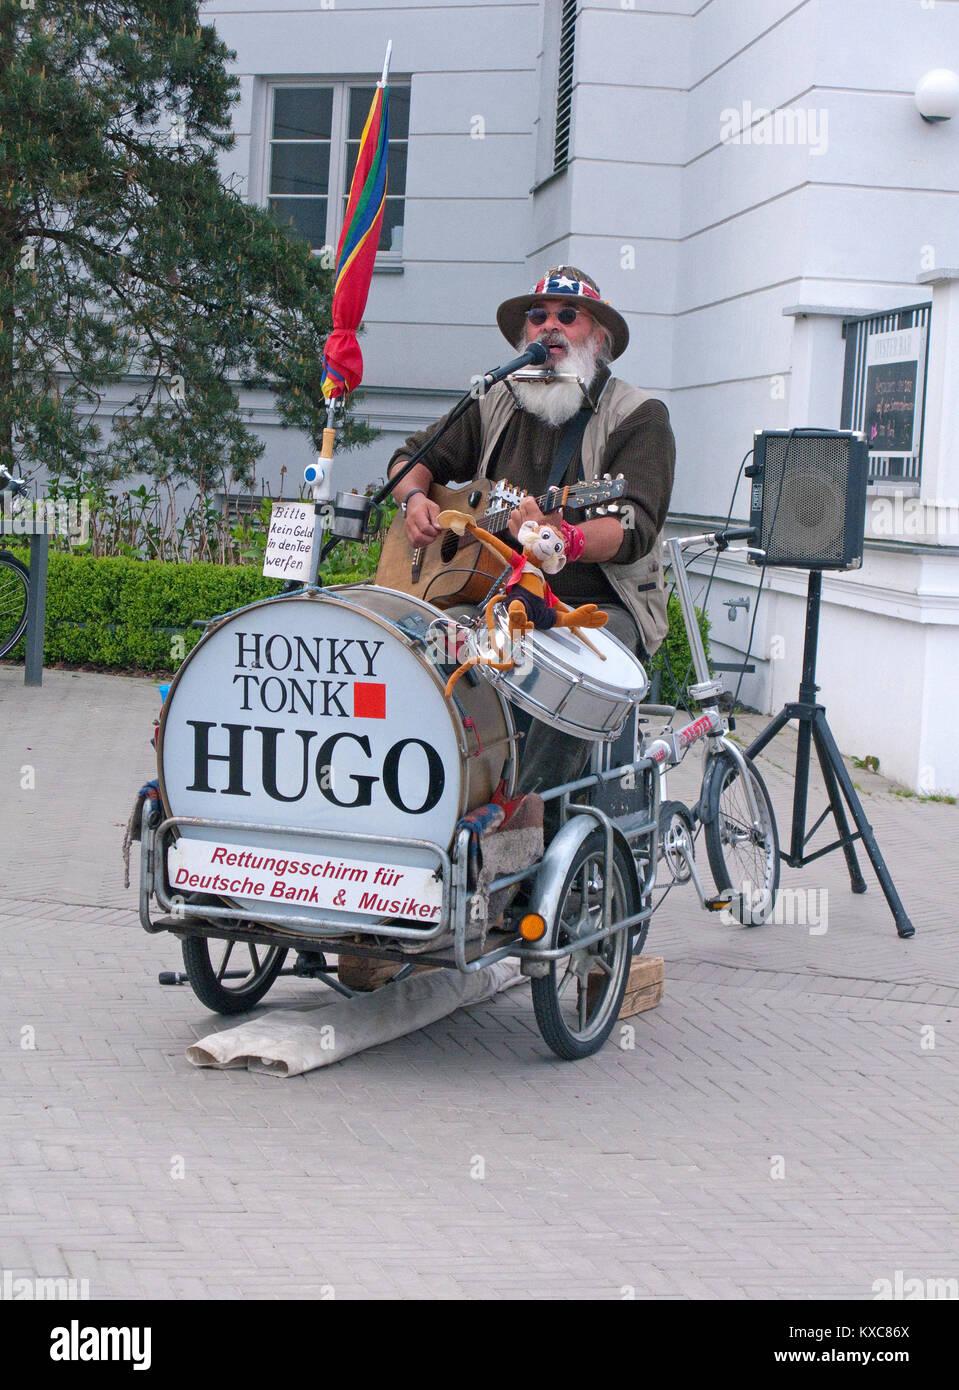 Musican rue 'Honk Tonk Hugo' à la zone piétonne de Zingst, Fishland, Mecklembourg-Poméranie-Occidentale, de la mer Baltique, l'Allemagne, de l'Europe Banque D'Images